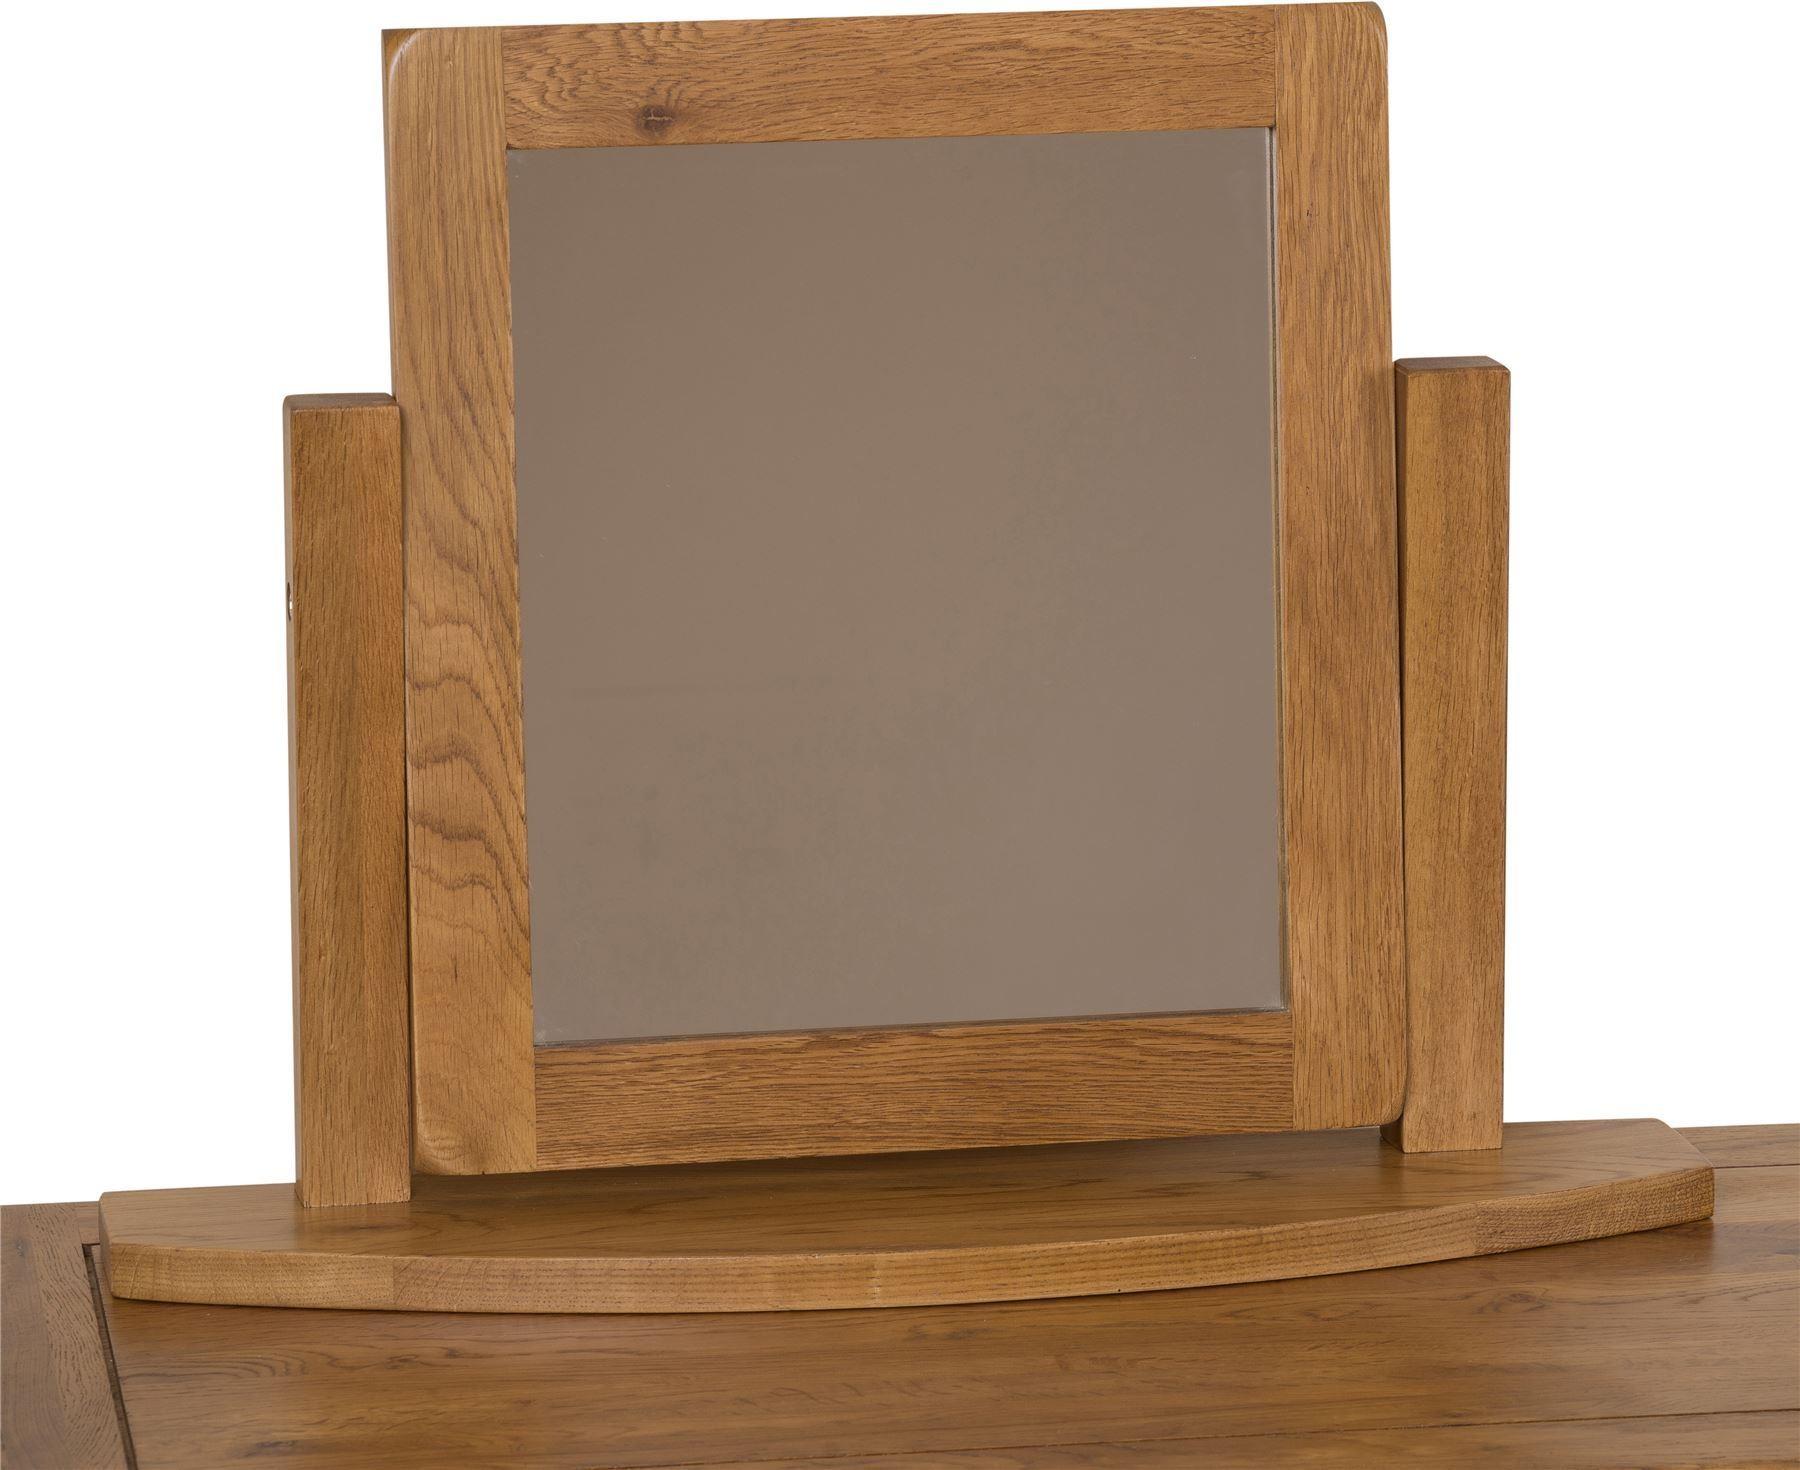 Cotswold Rustic Solid Oak Swivel Mirror